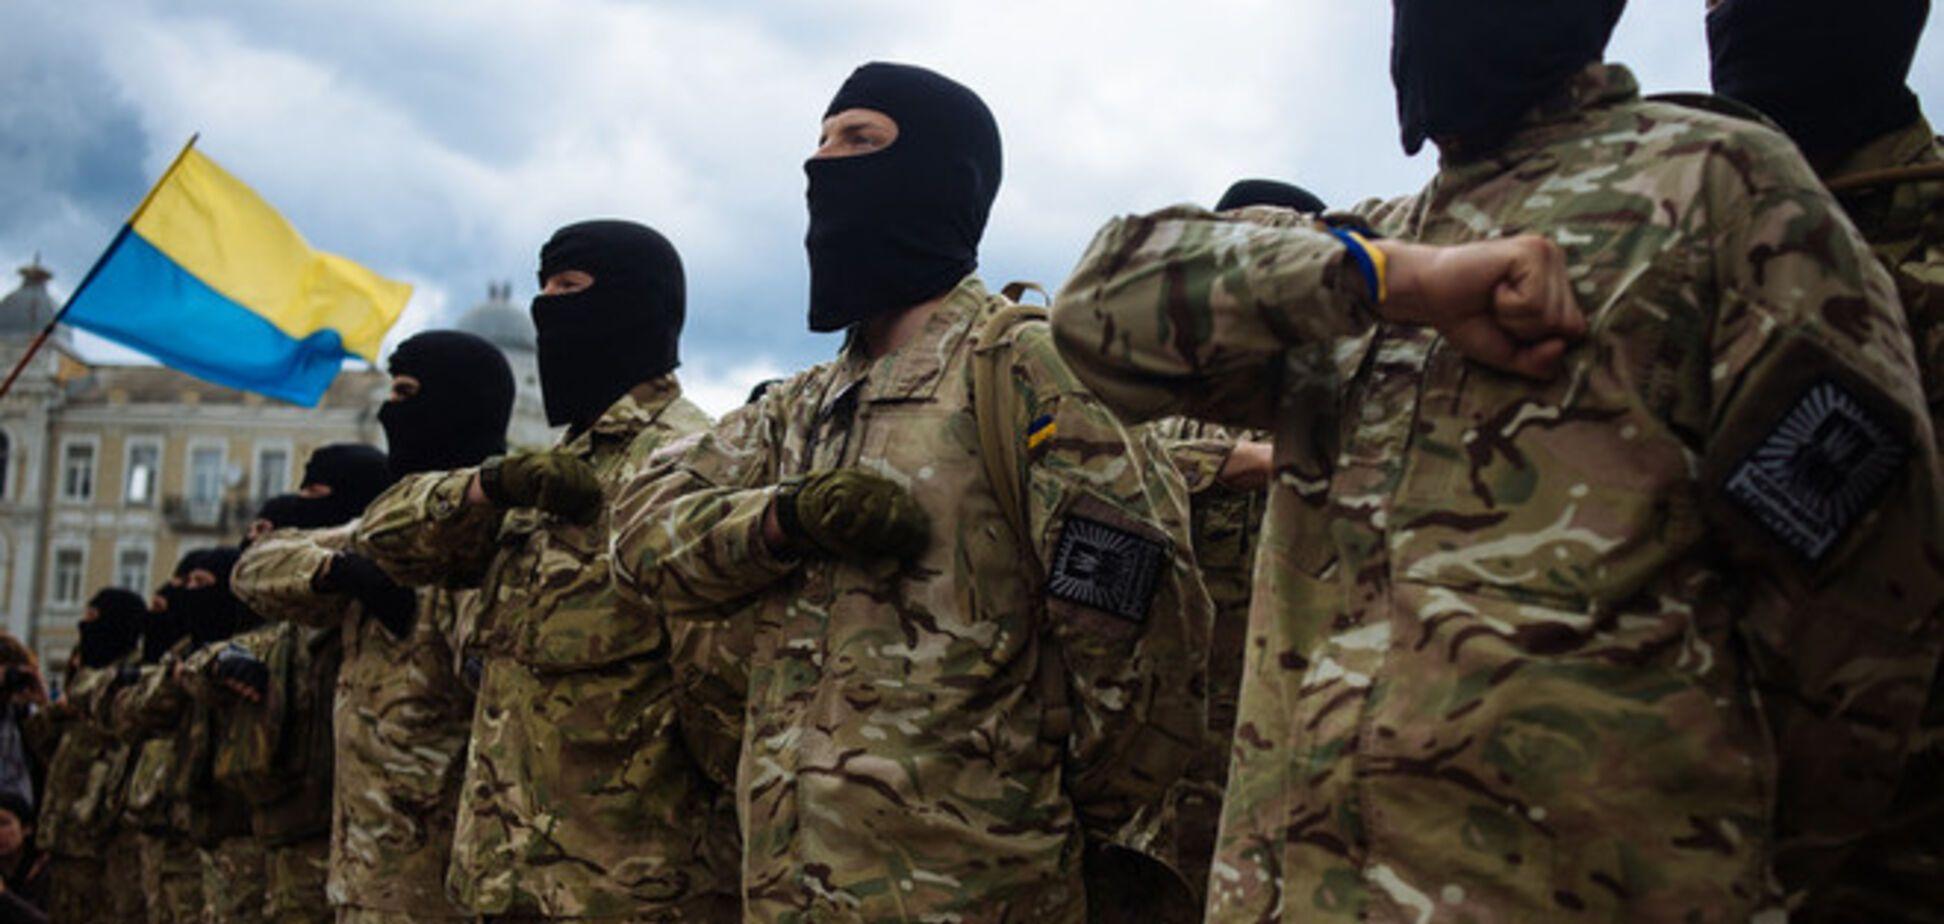 Коалиция утвердила проведение частичной мобилизации в Украине - полный текст указа Порошенко и решения СНБО